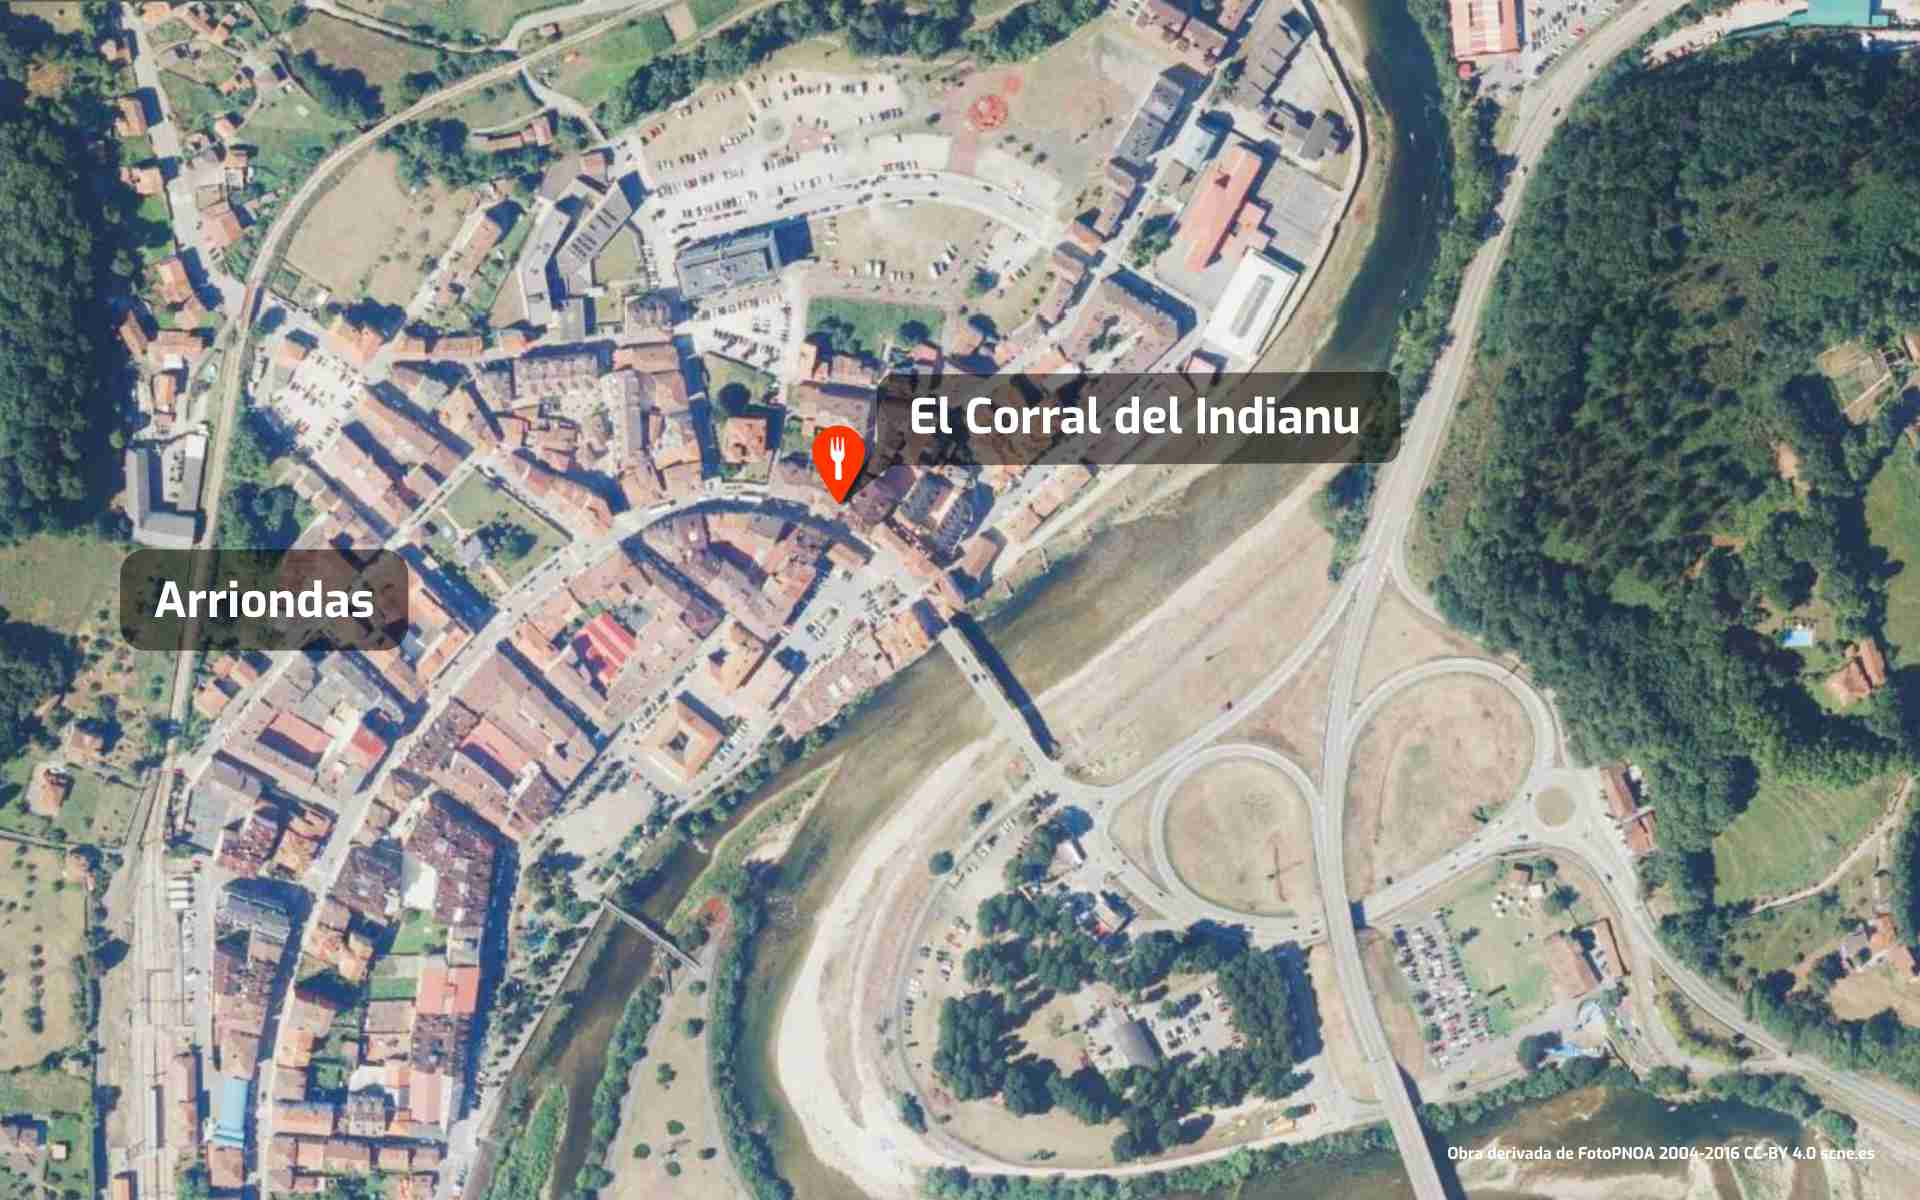 Mapa de cómo llegar al restaurante El Corral del Indianu en Arriondas, Asturias